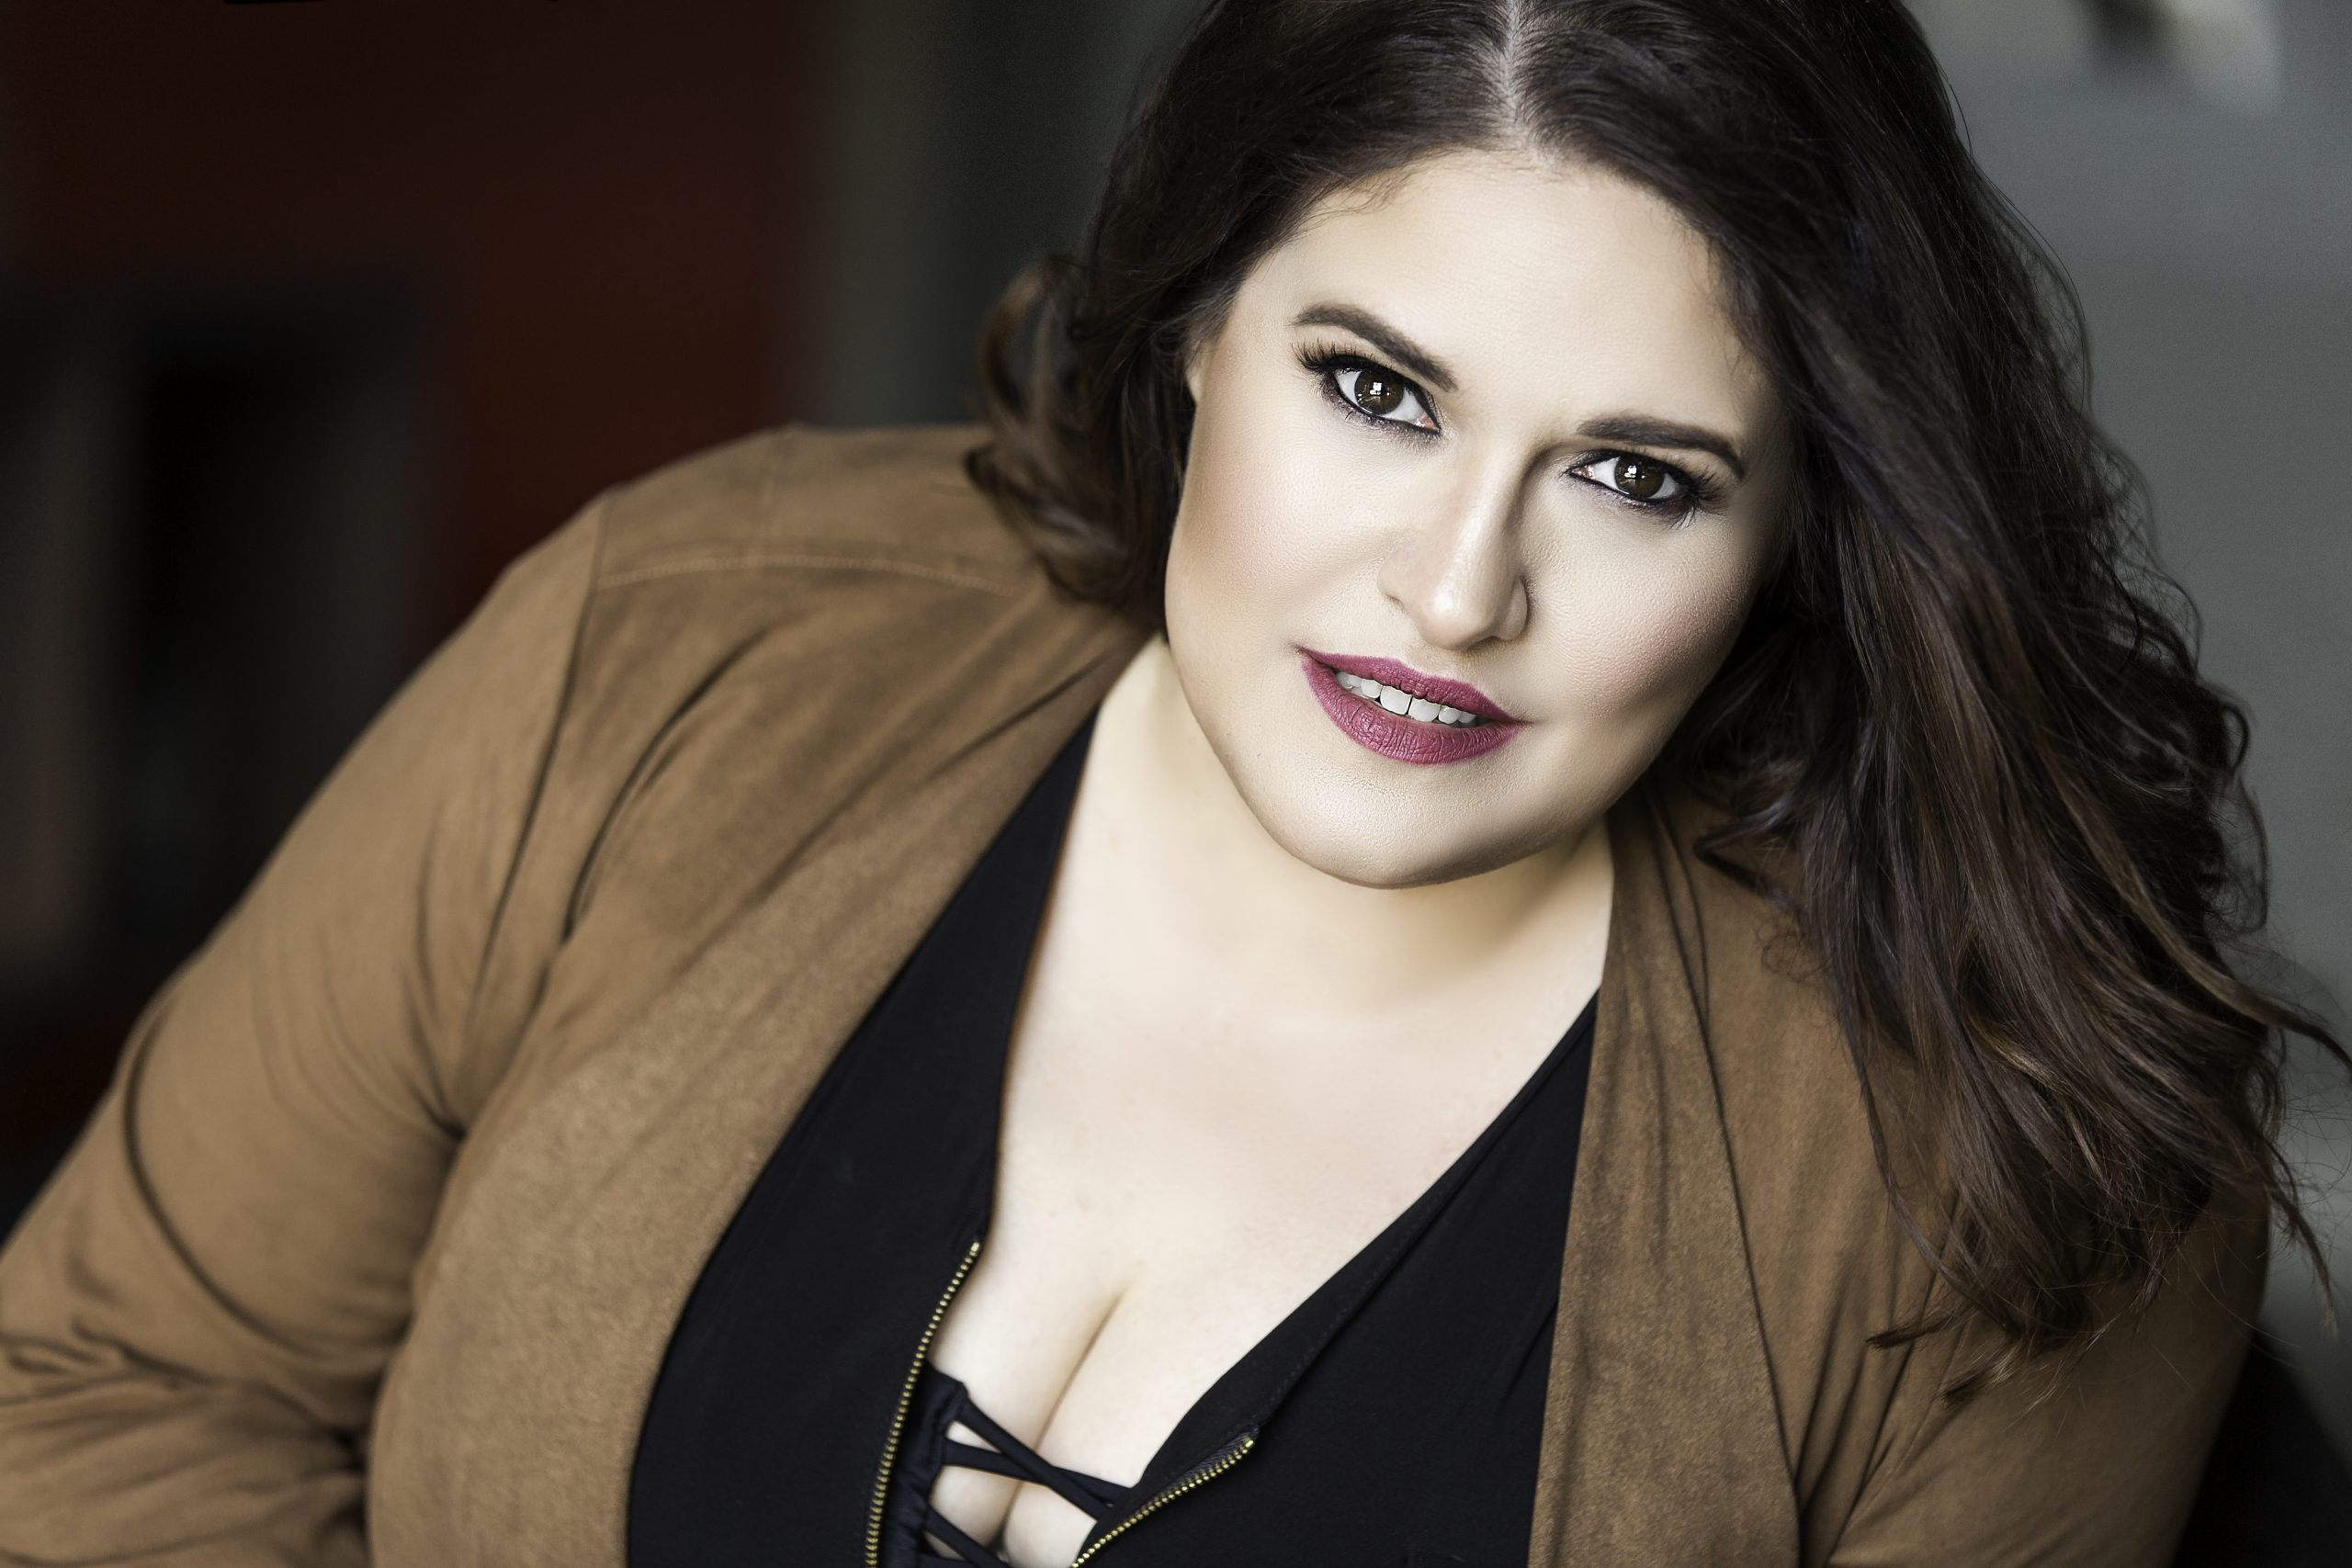 Alexandra LoBianco